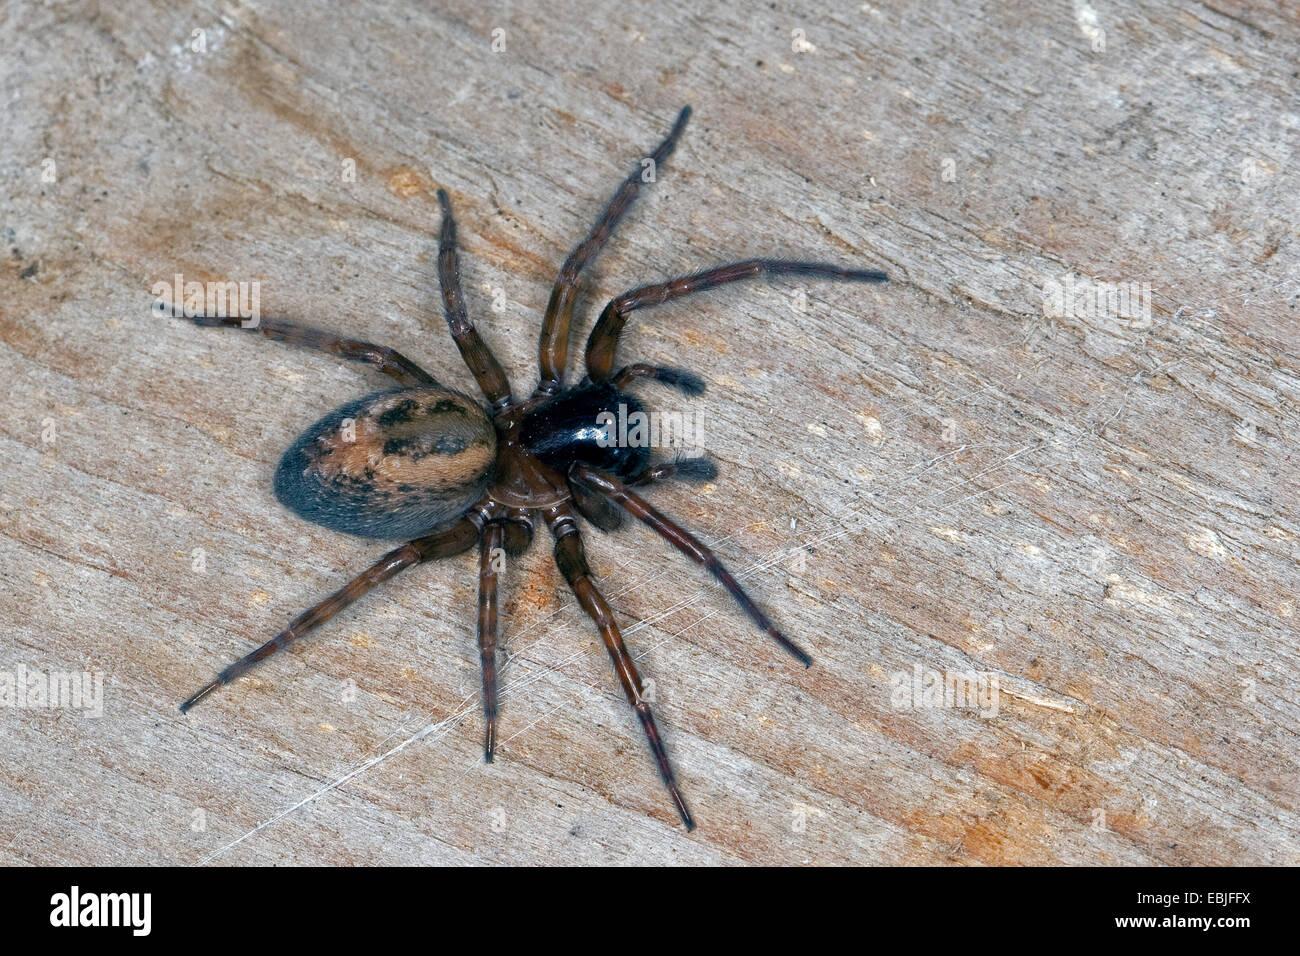 Window lace weaver, House spider mouthparts (Amaurobius similis), female, Germany - Stock Image